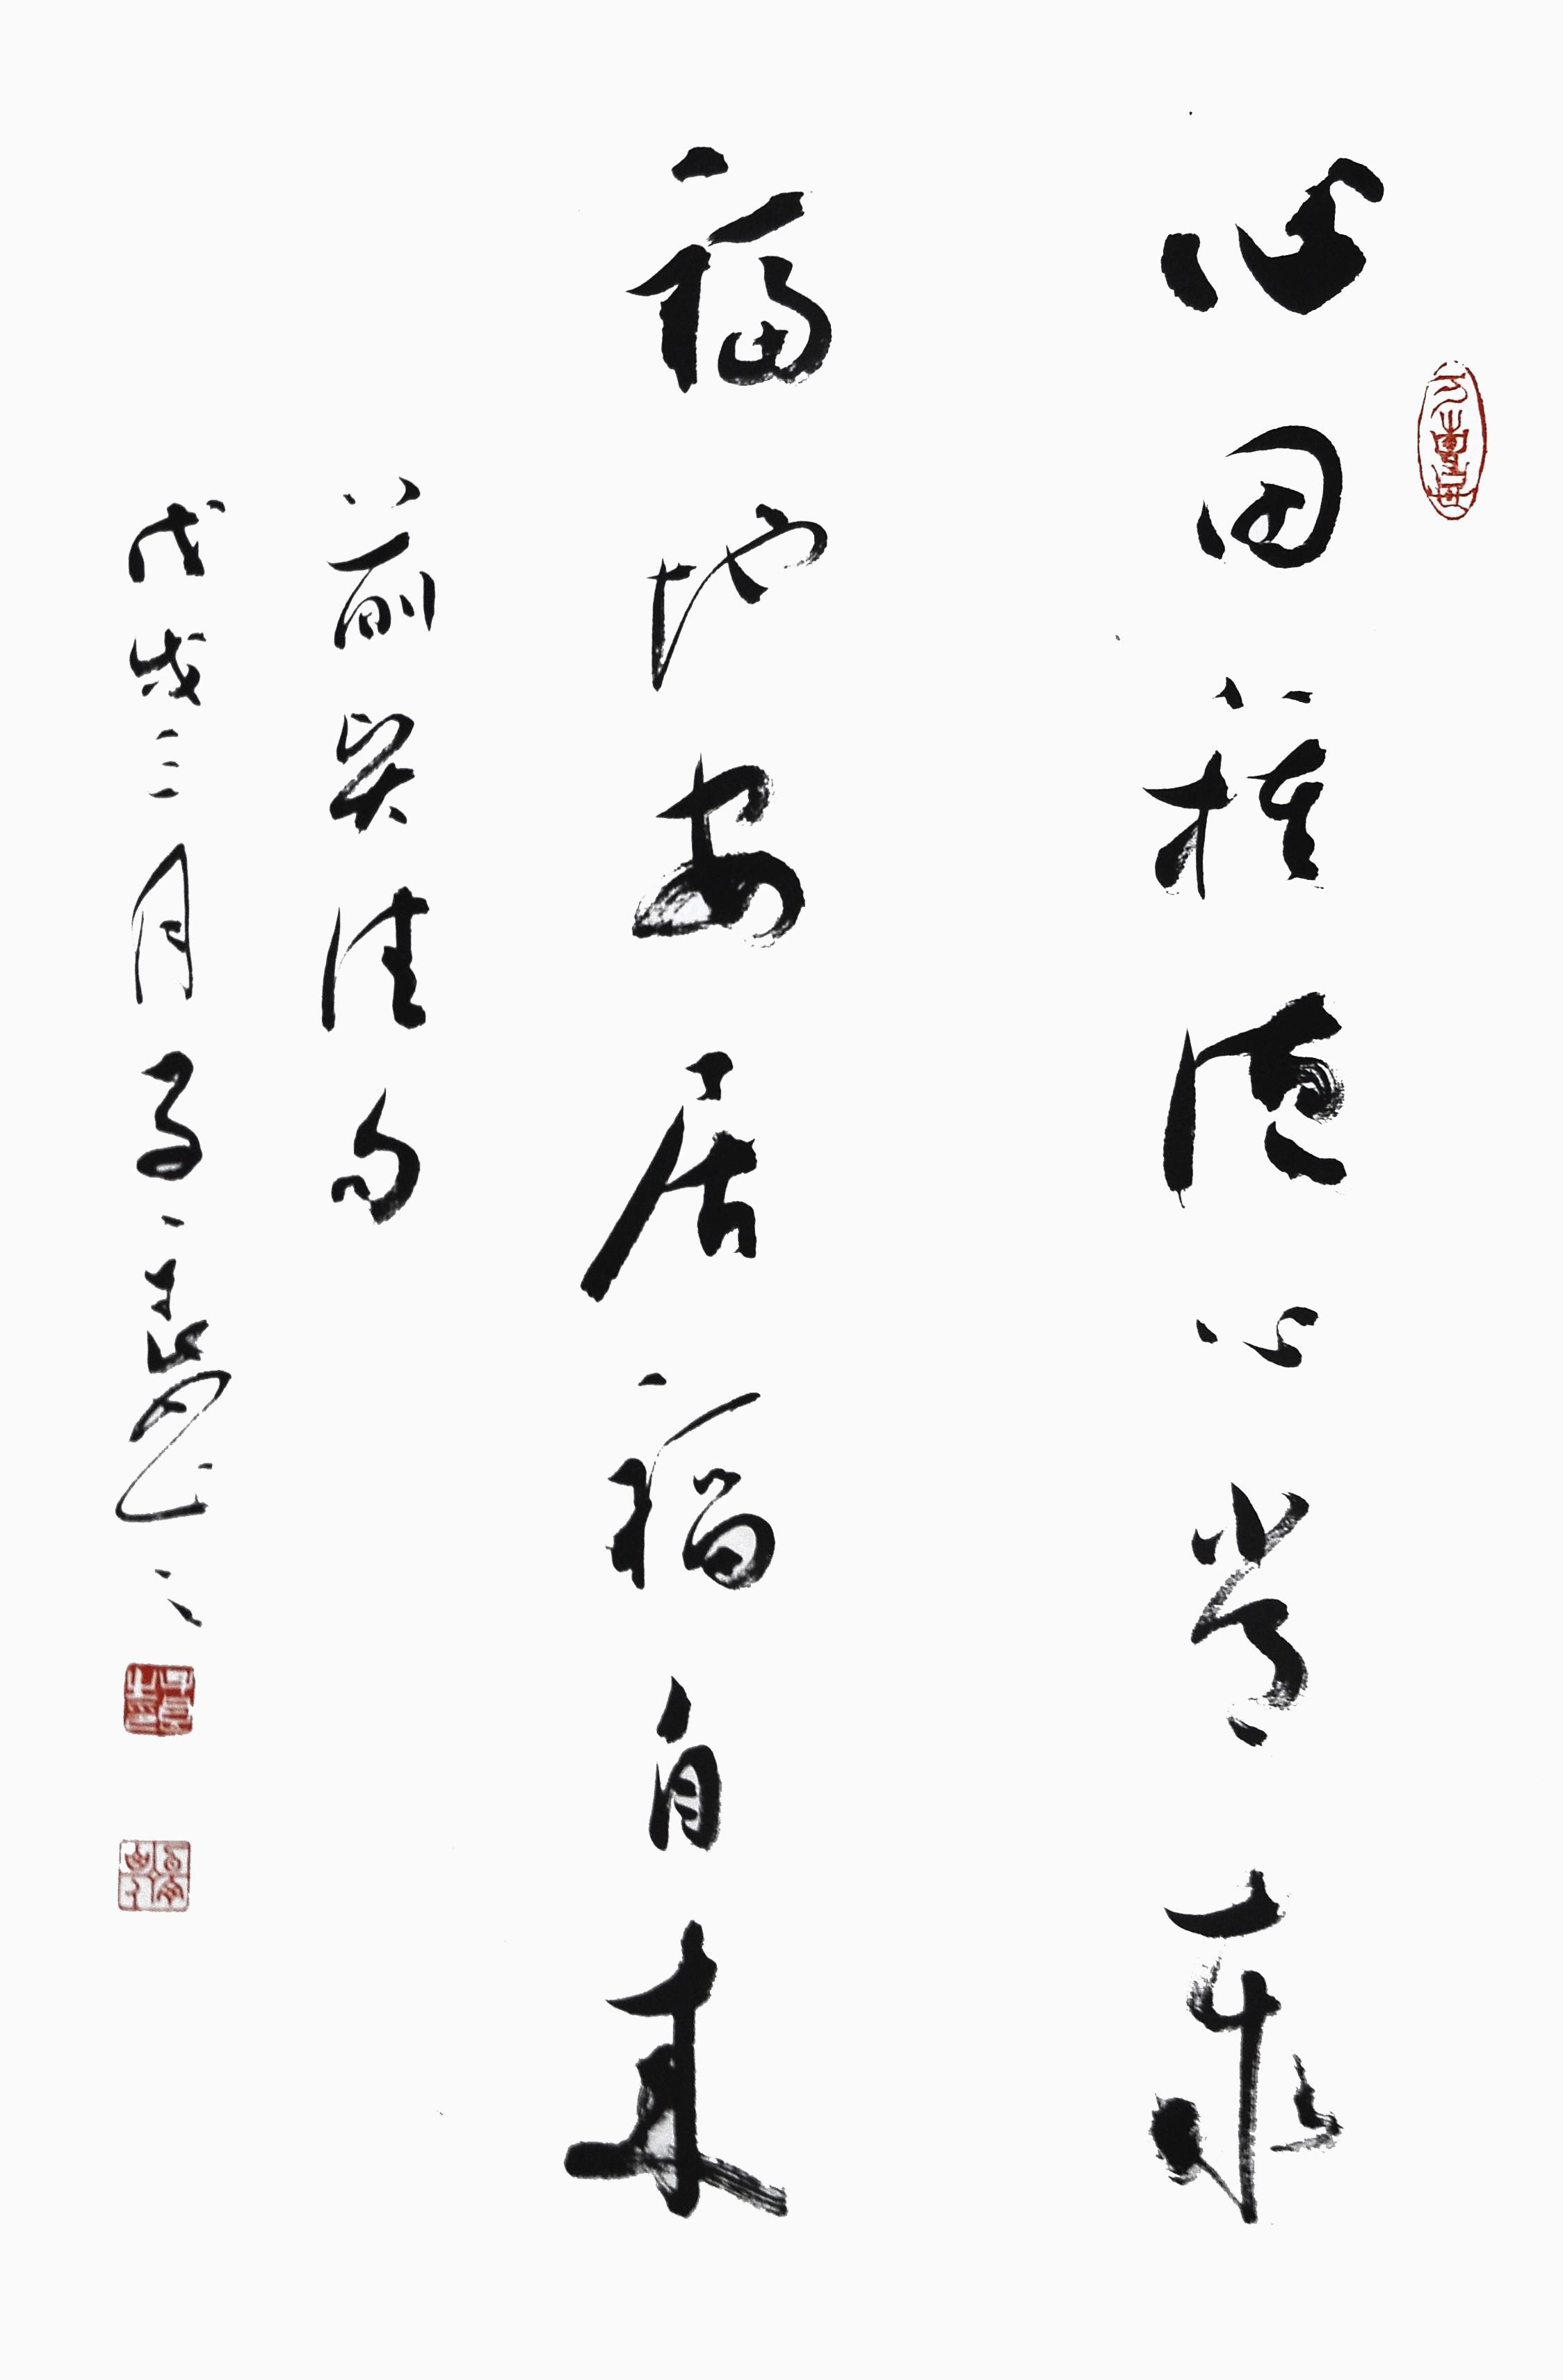 心田种德心常泰,福地安居福自来45×68cm.JPG